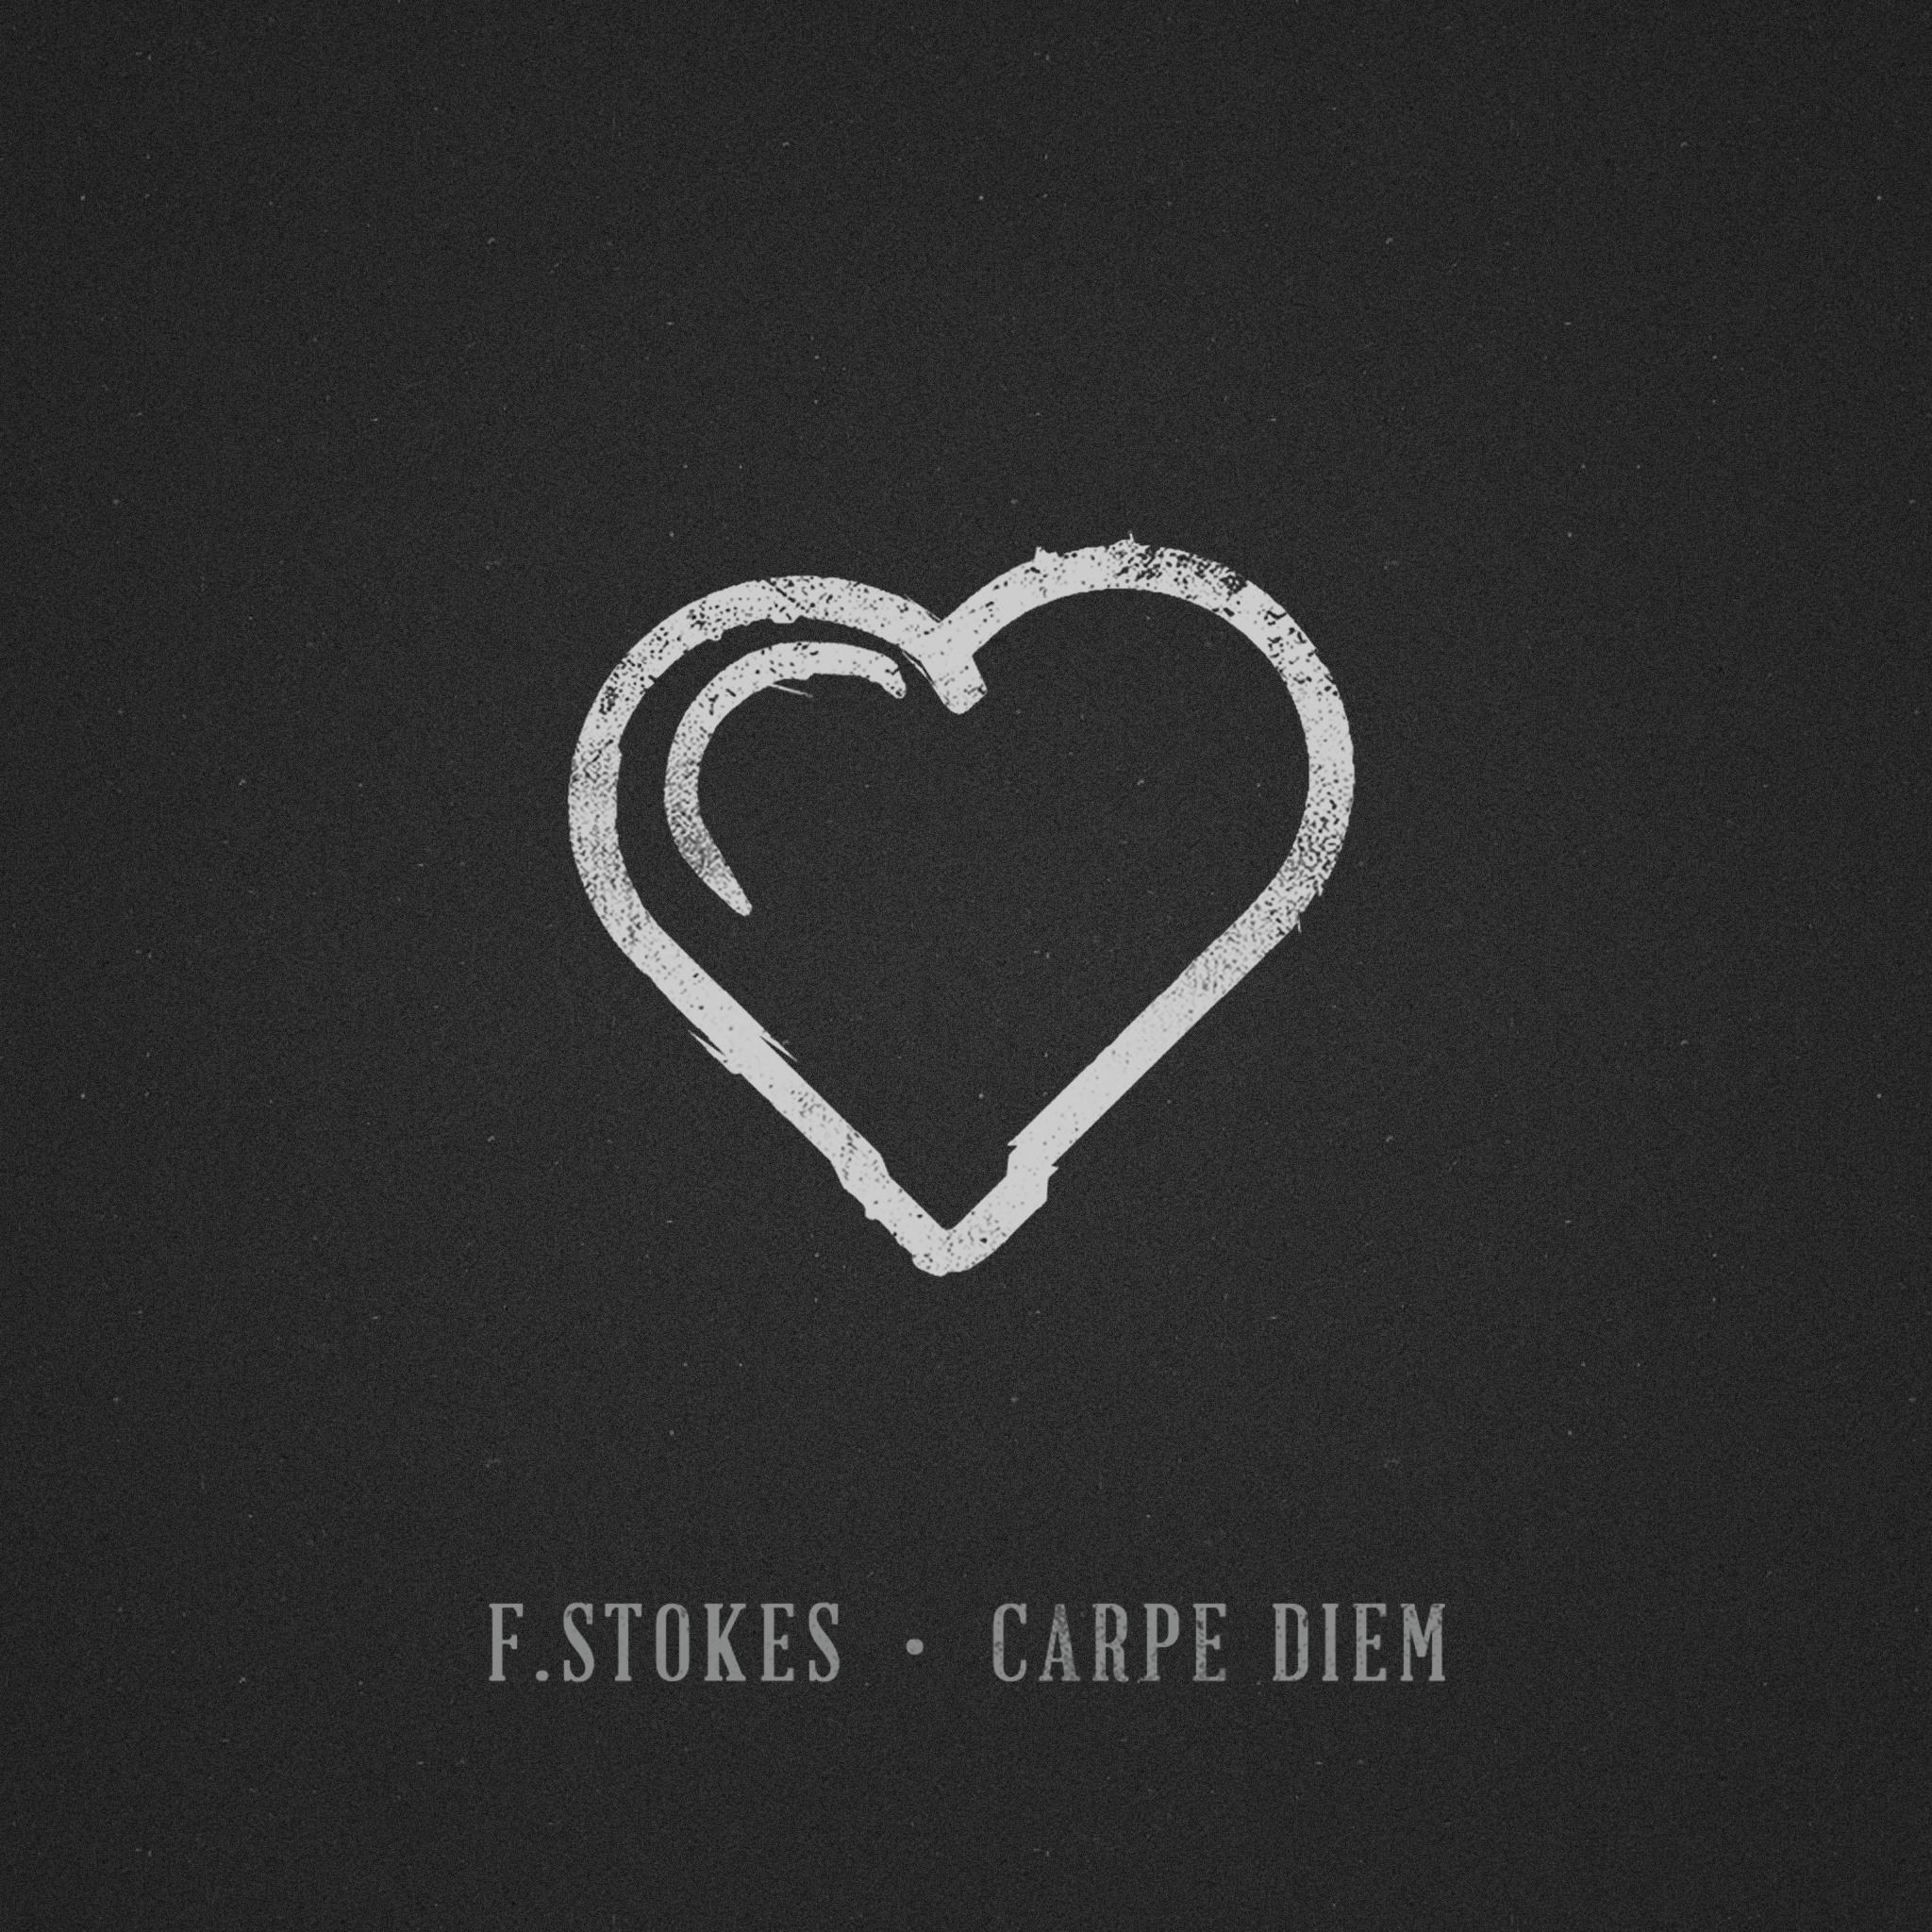 F_Stokes_Carpe_Diem